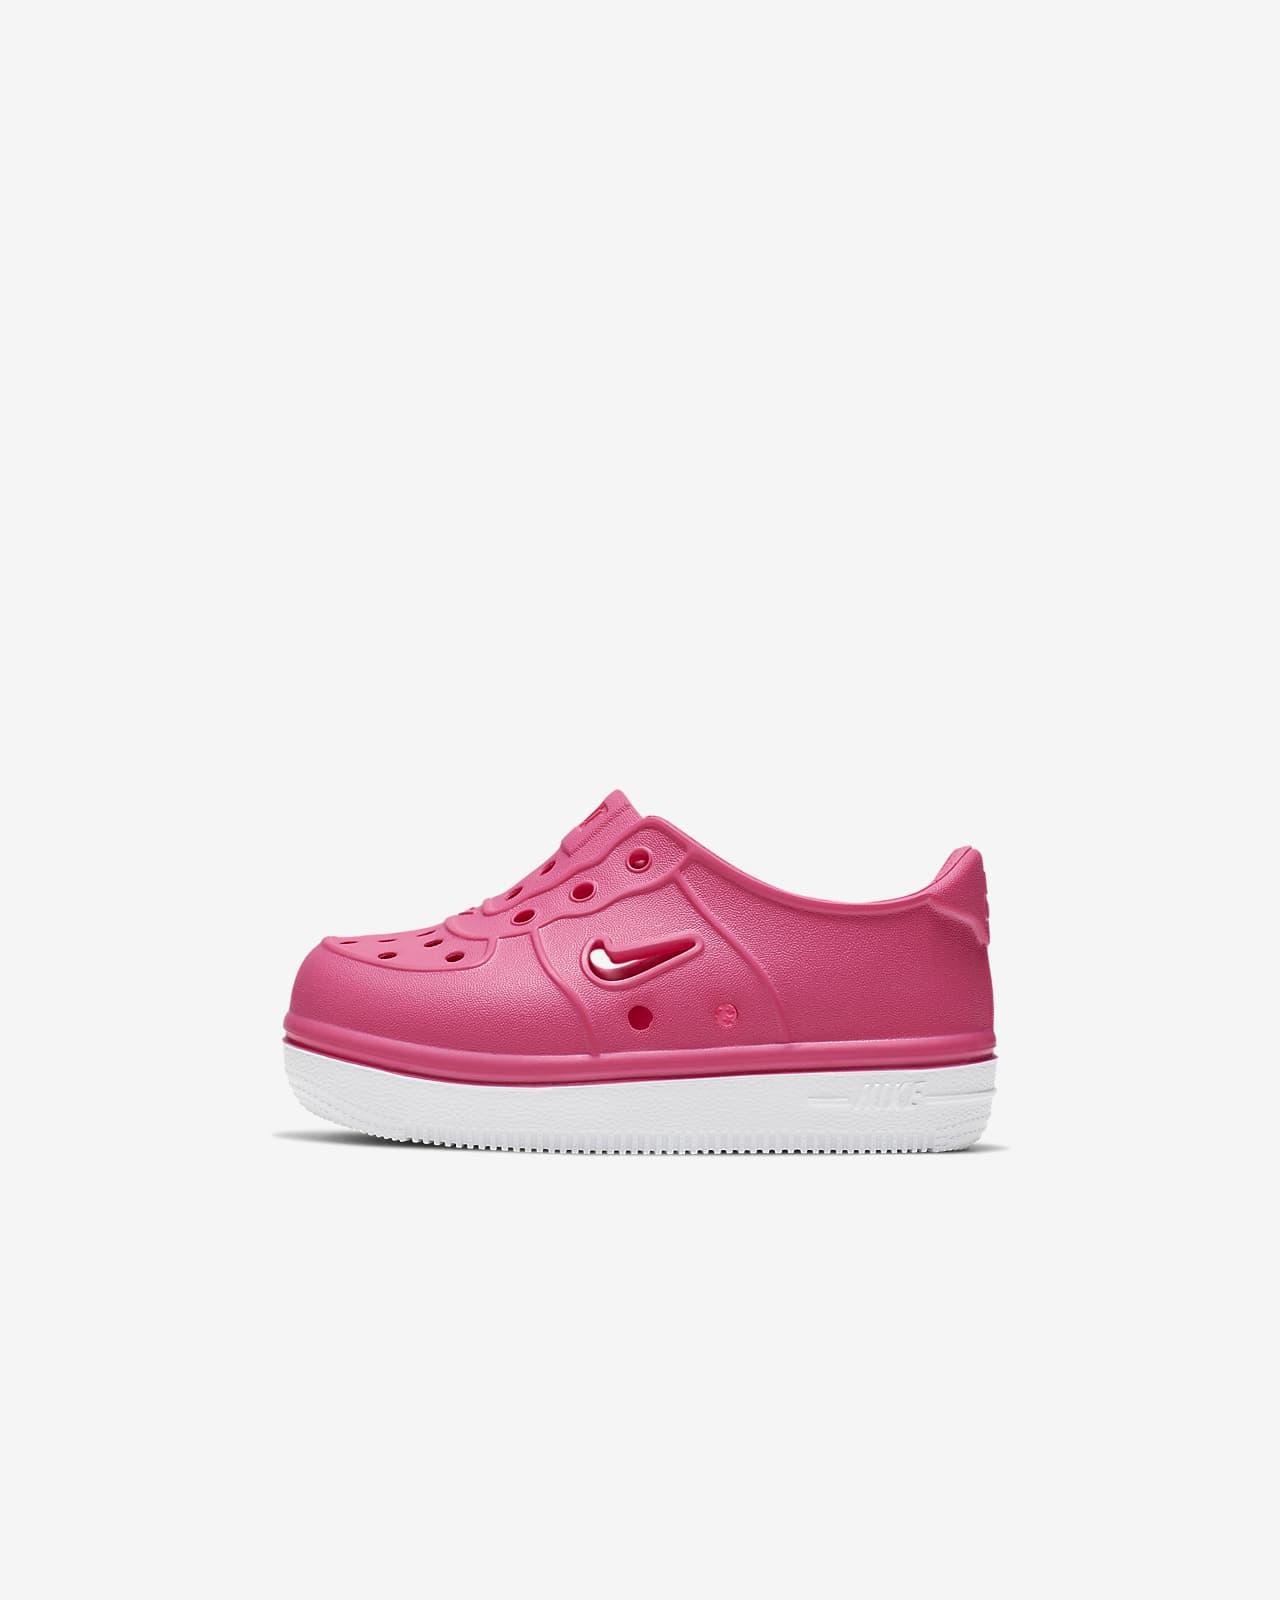 Calzado para bebé e infantil Nike Foam Force 1